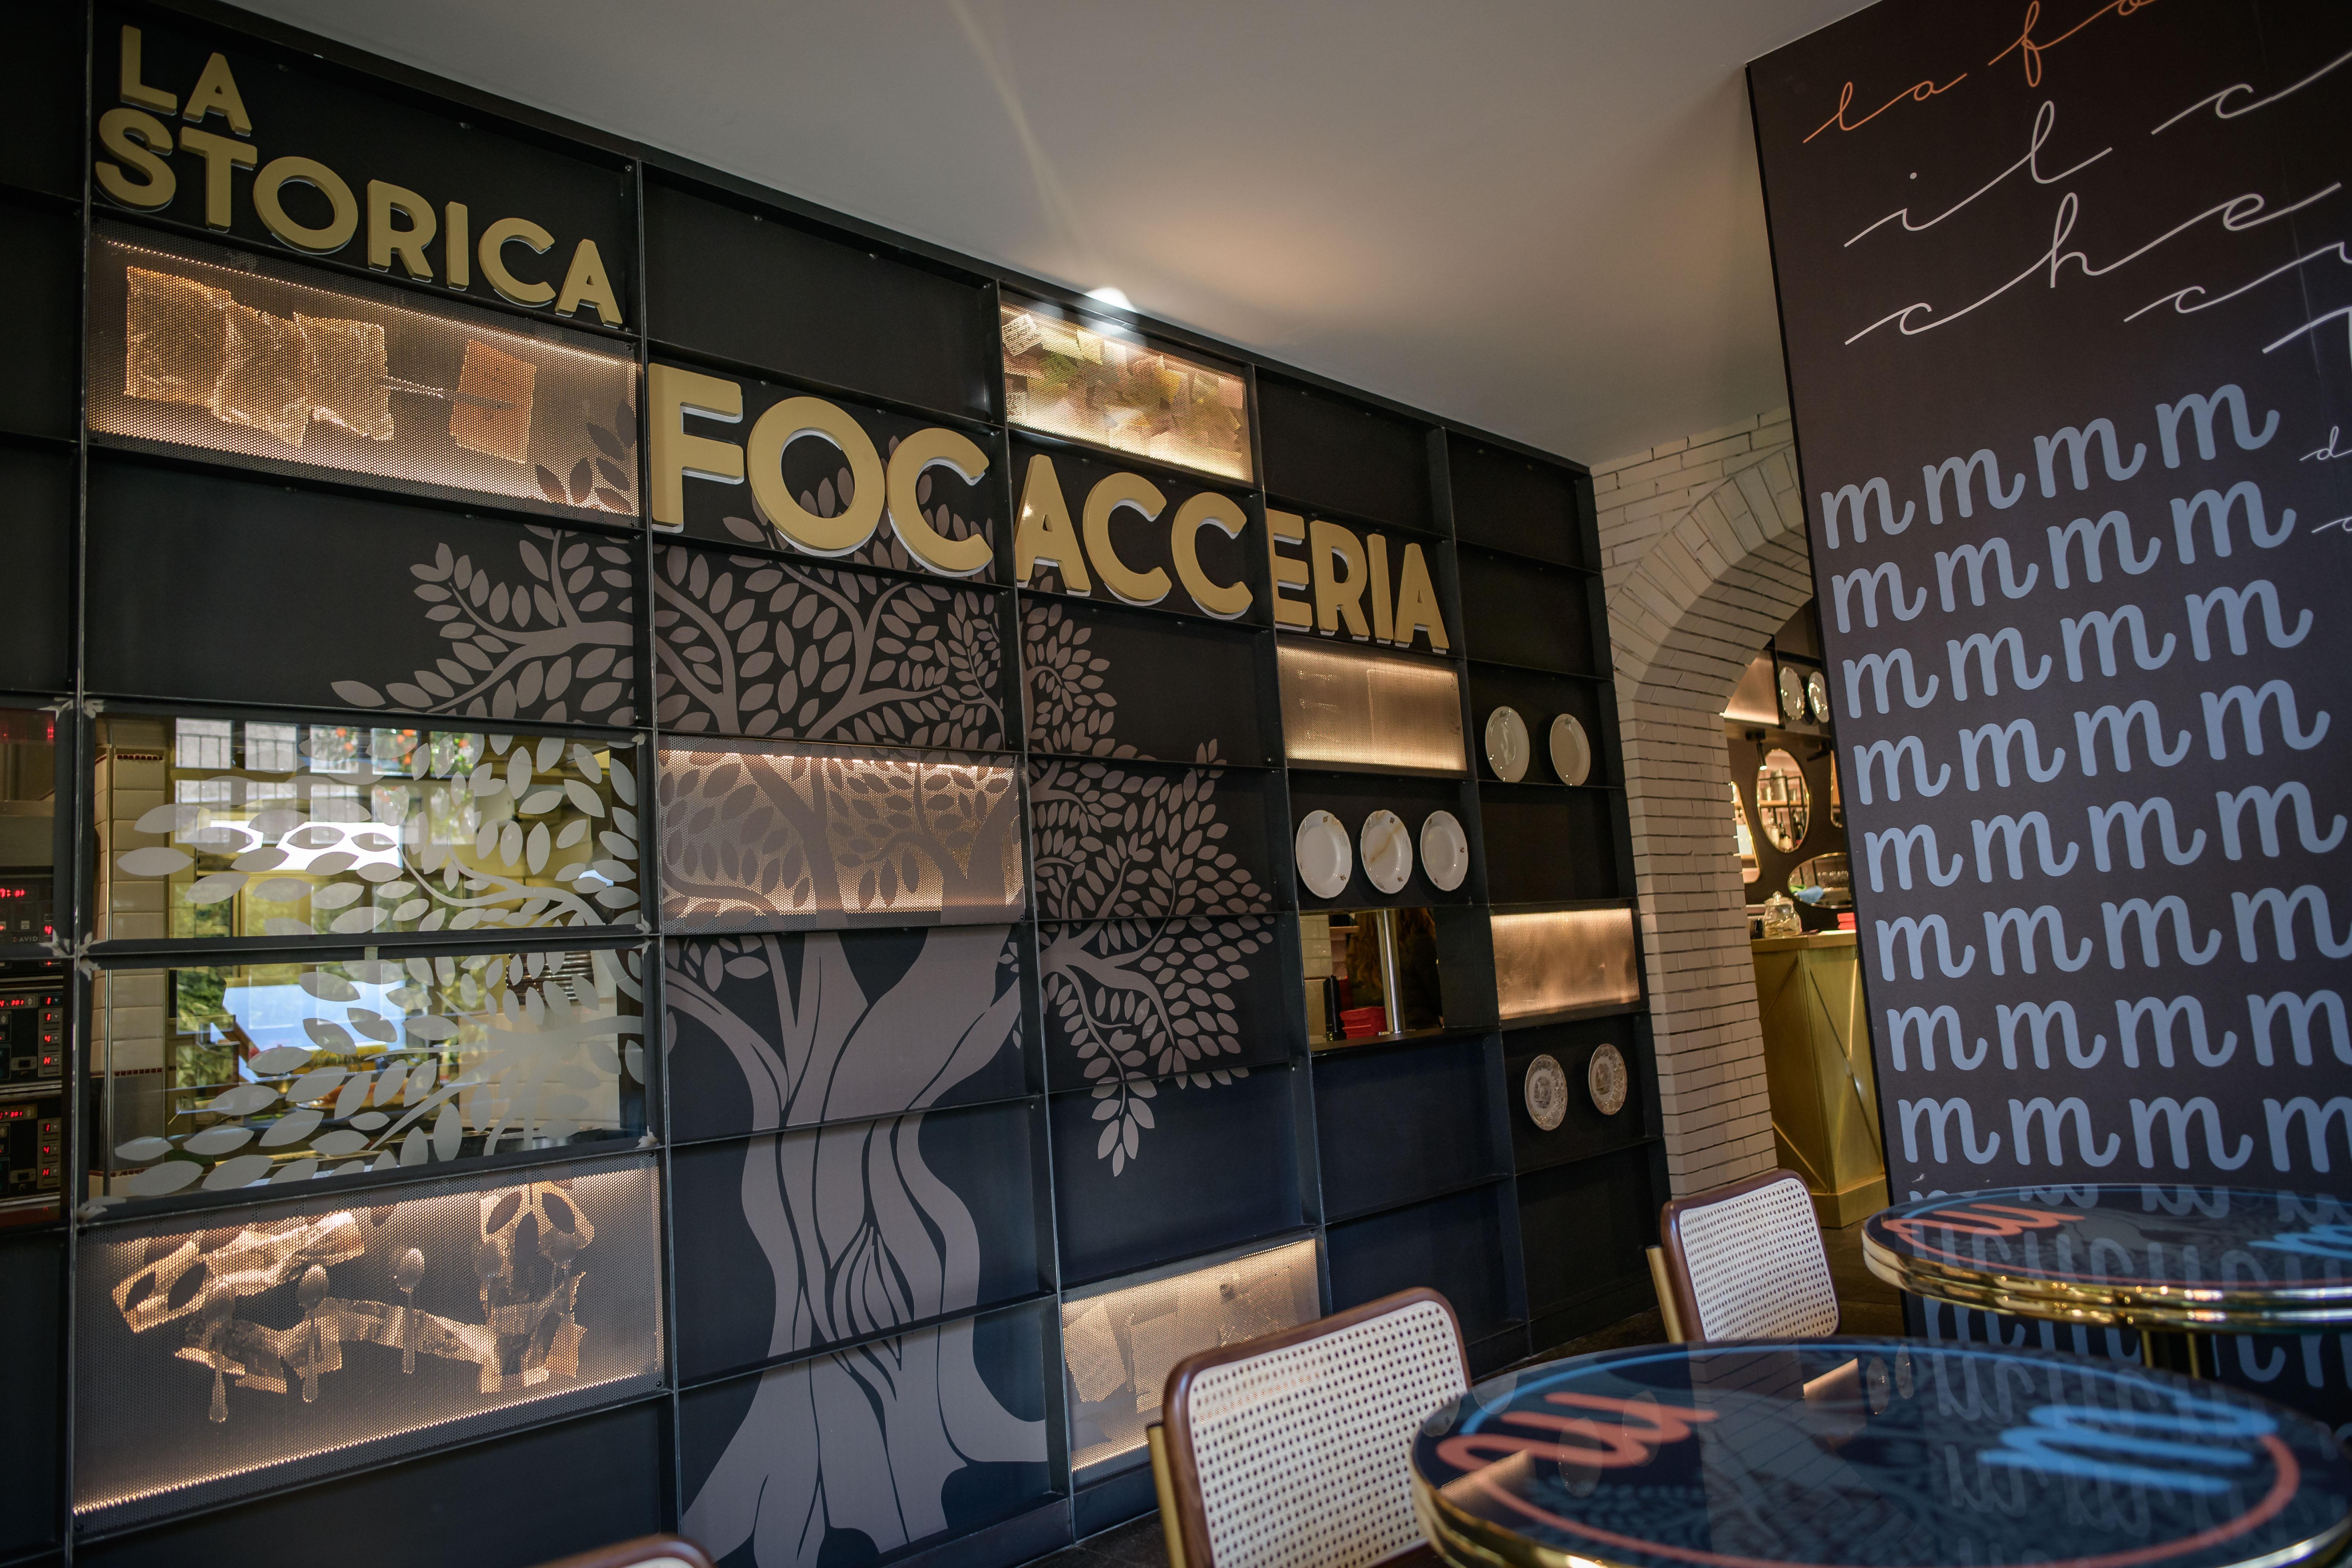 Focacceria0023